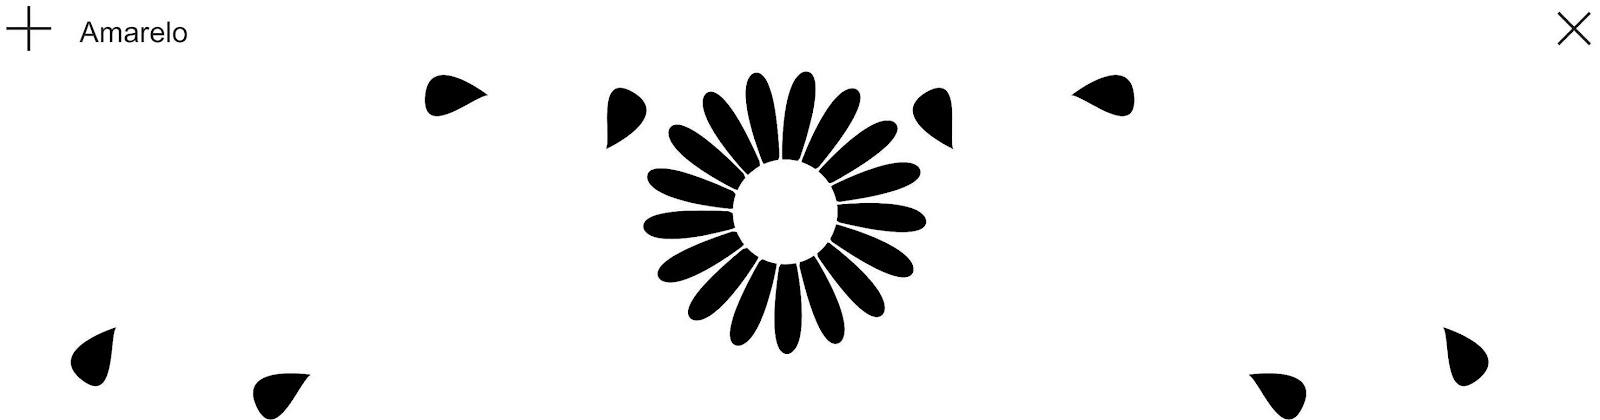 C:\Users\Administrador\Desktop\Amarelo.jpg